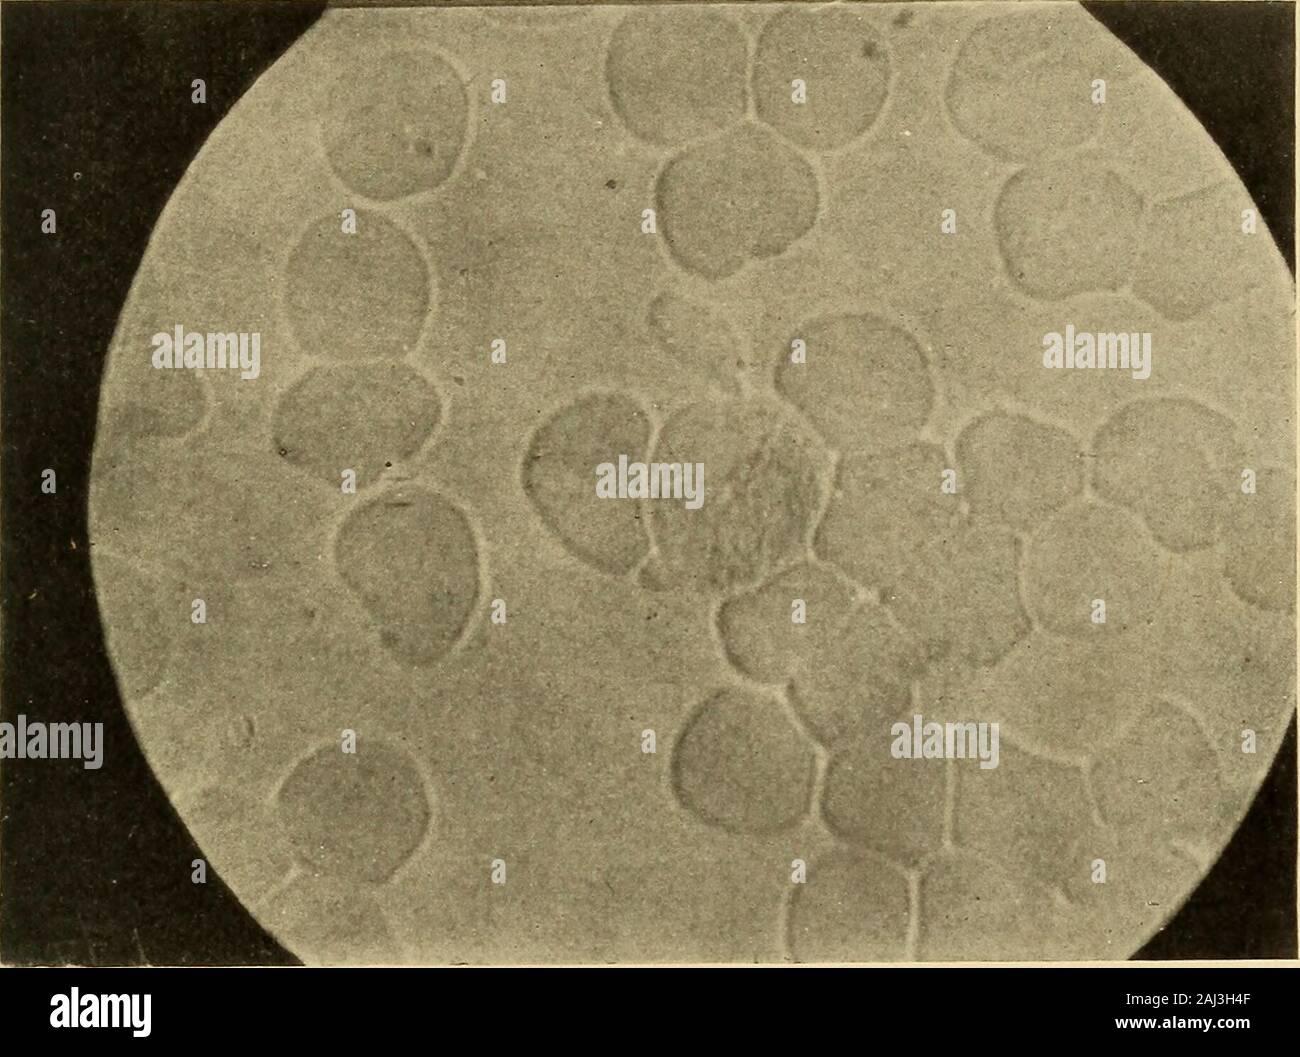 Reproducción Celular Inducida Y El Cáncer Fig 7 Los Leucocitos Granulados Están Manchadas Su Núcleo Está